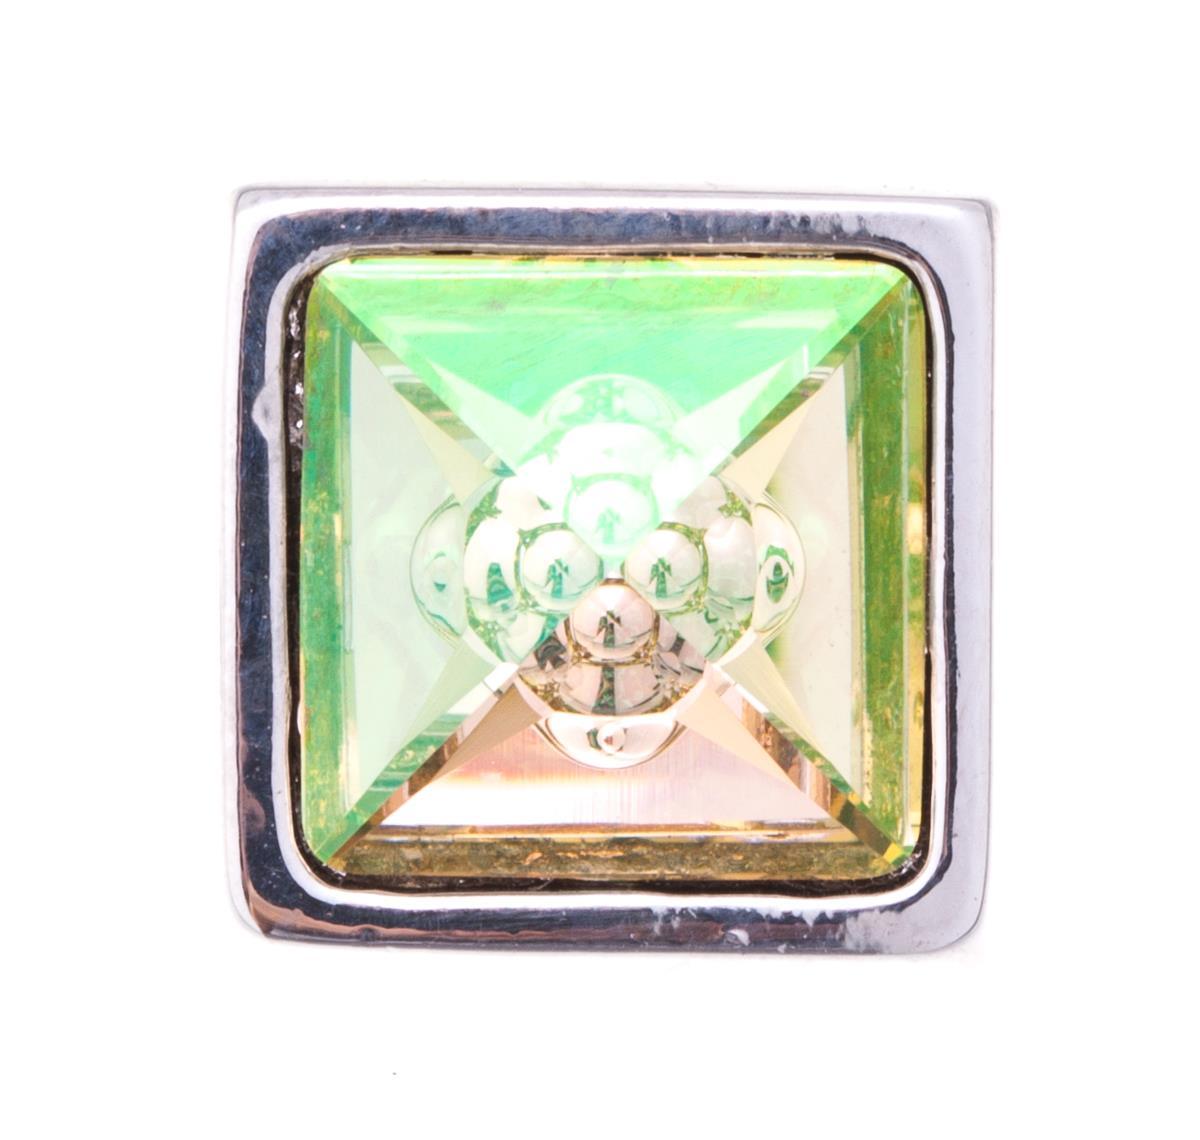 Накладка на кольцо-основу Jenavi Коллекция Ротор Вис, цвет: серебряный, мультиколор. k195fr23. Размер 1,5x1,5k195fr23Коллекция Ротор, Вис (Накладка,которая одевается на кольцо основу) гипоаллергенный ювелирный сплав,Серебрение c род. , вставка Кристаллы Swarovski , цвет - серебряный, мультиколор избегать взаимодействия с водой и химическими средствами